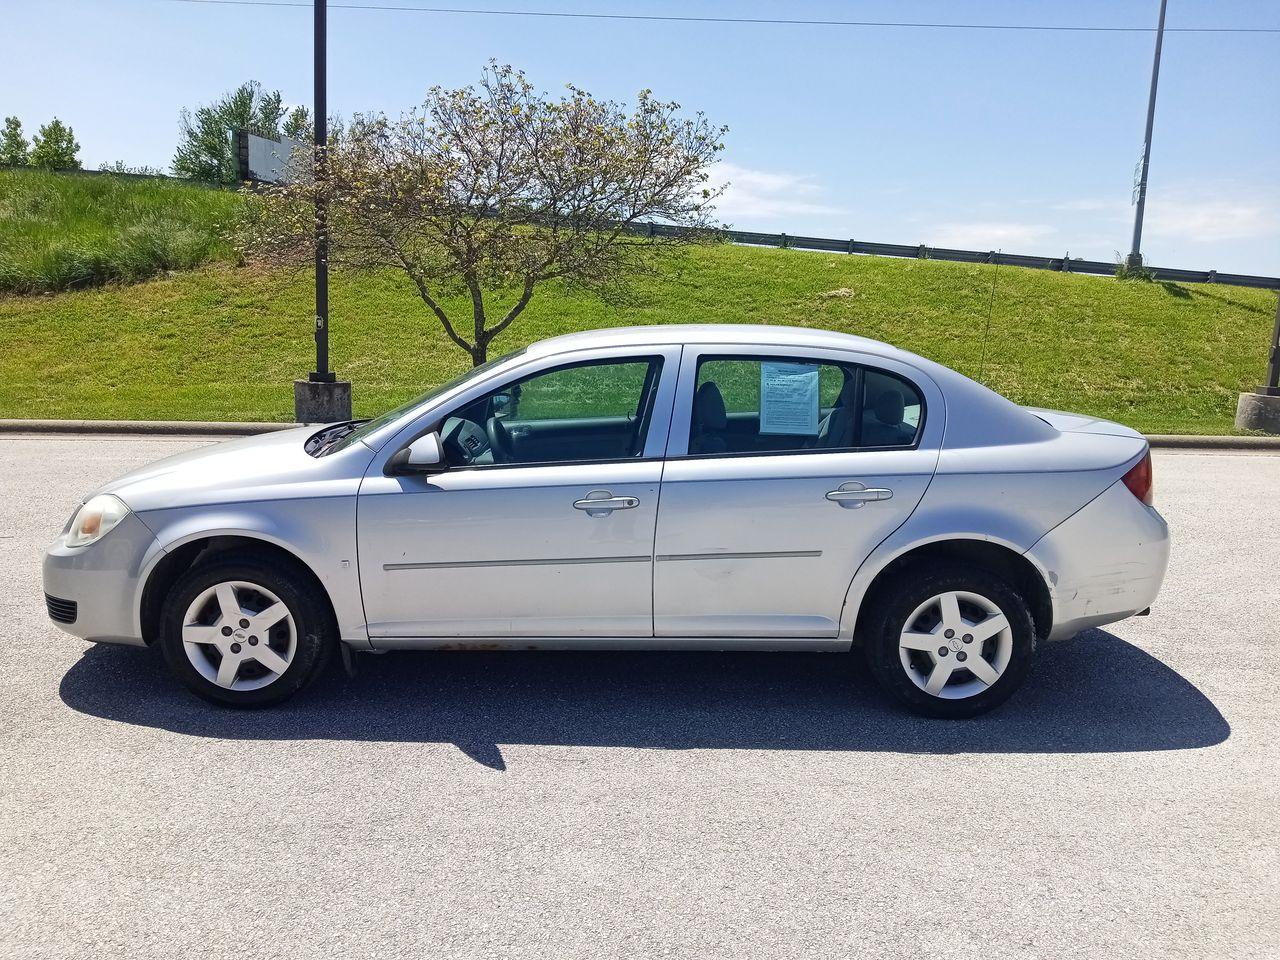 Pre-Owned 2007 CHEVROLET COBALT LT Sedan 4